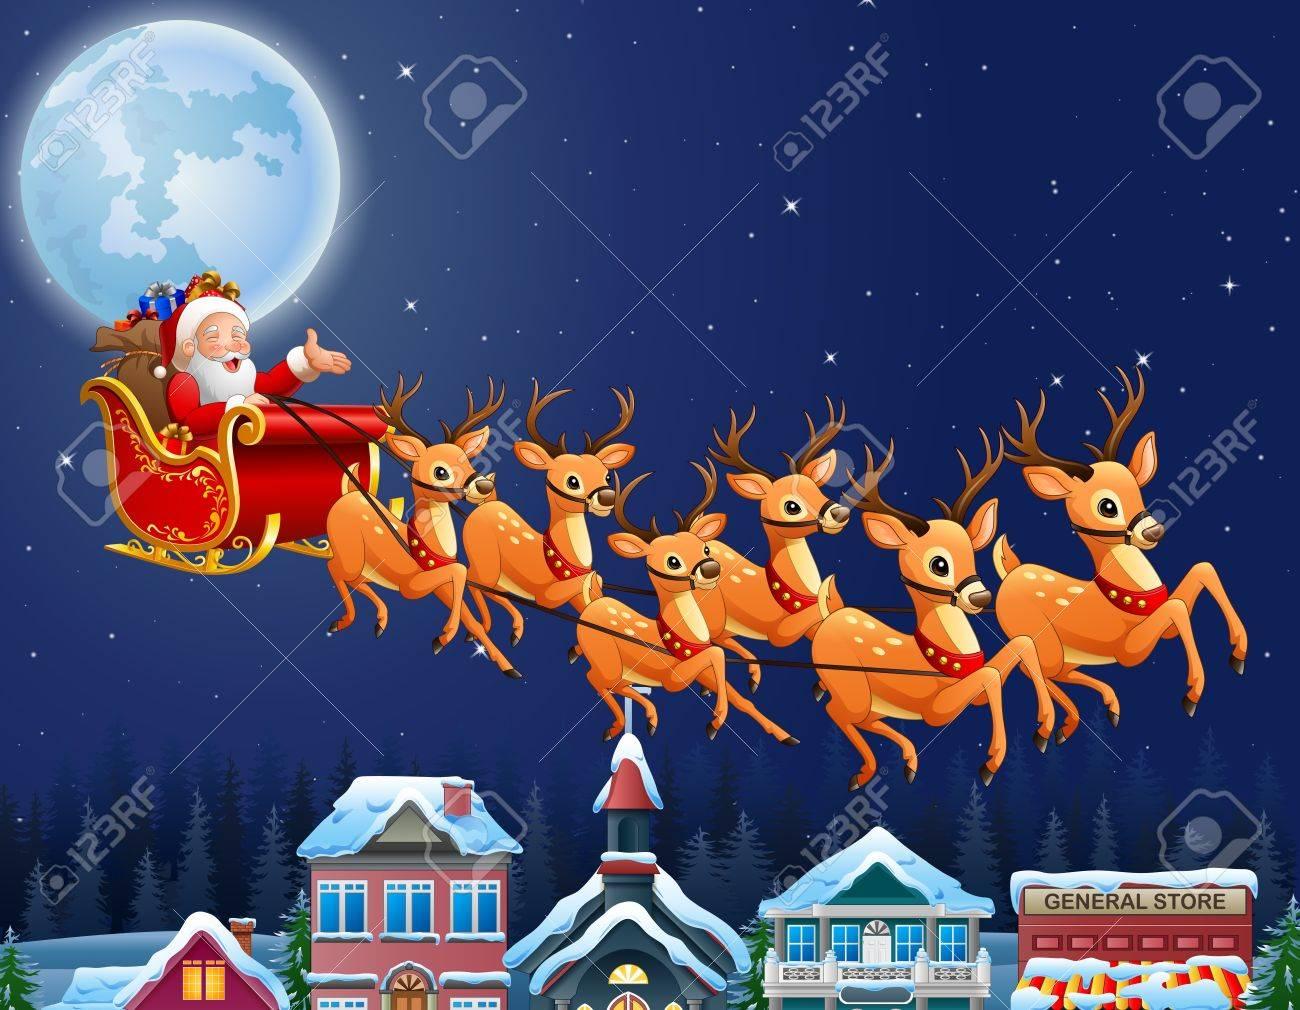 Immagini Di Babbo Natale Con La Slitta E Le Renne.Illustrazione Di Babbo Natale In Sella Alla Sua Slitta Trainata Da Renne Volare Sopra Citta